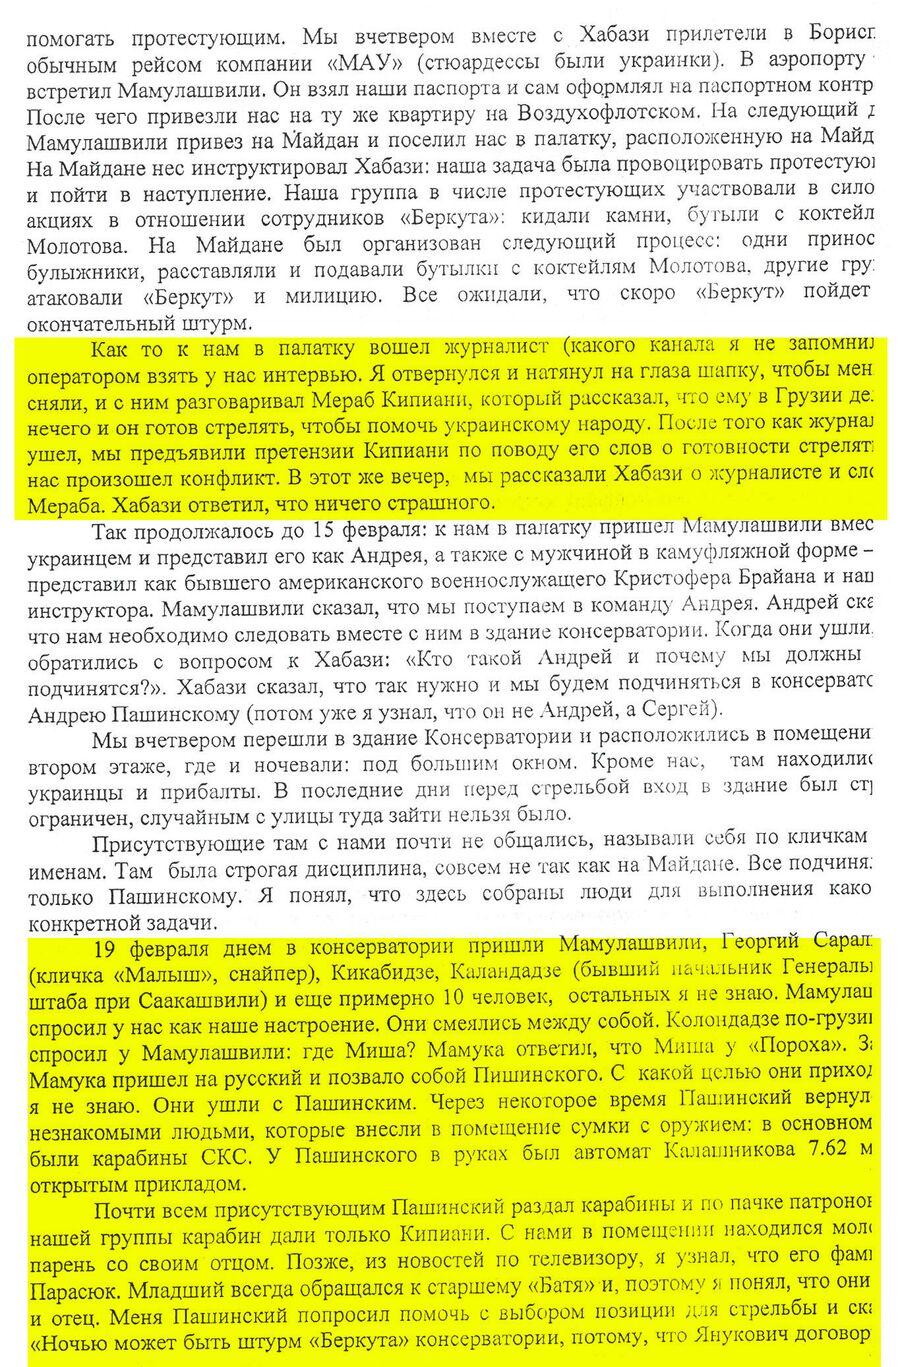 Протокол опроса Александра Ревазишвили